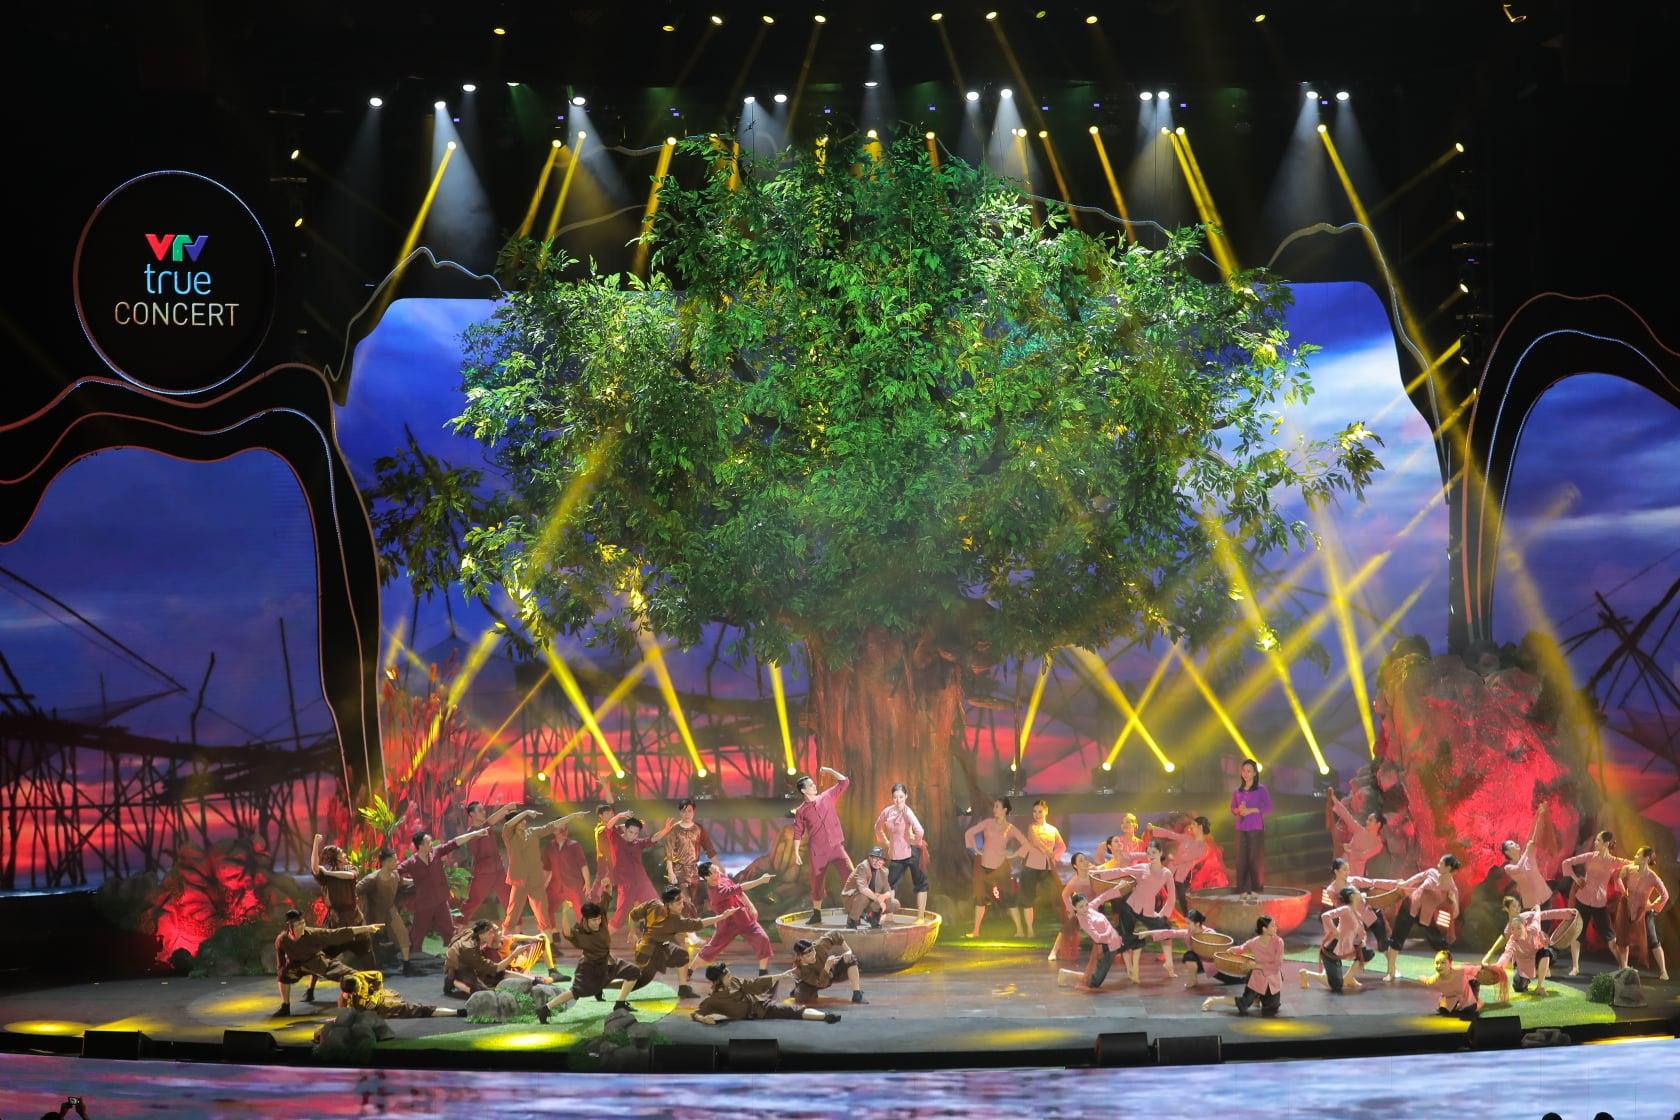 VTV true Concert 2021: Khúc hoan ca vĩnh cửu của Nước và Mẹ Thiên nhiên 2